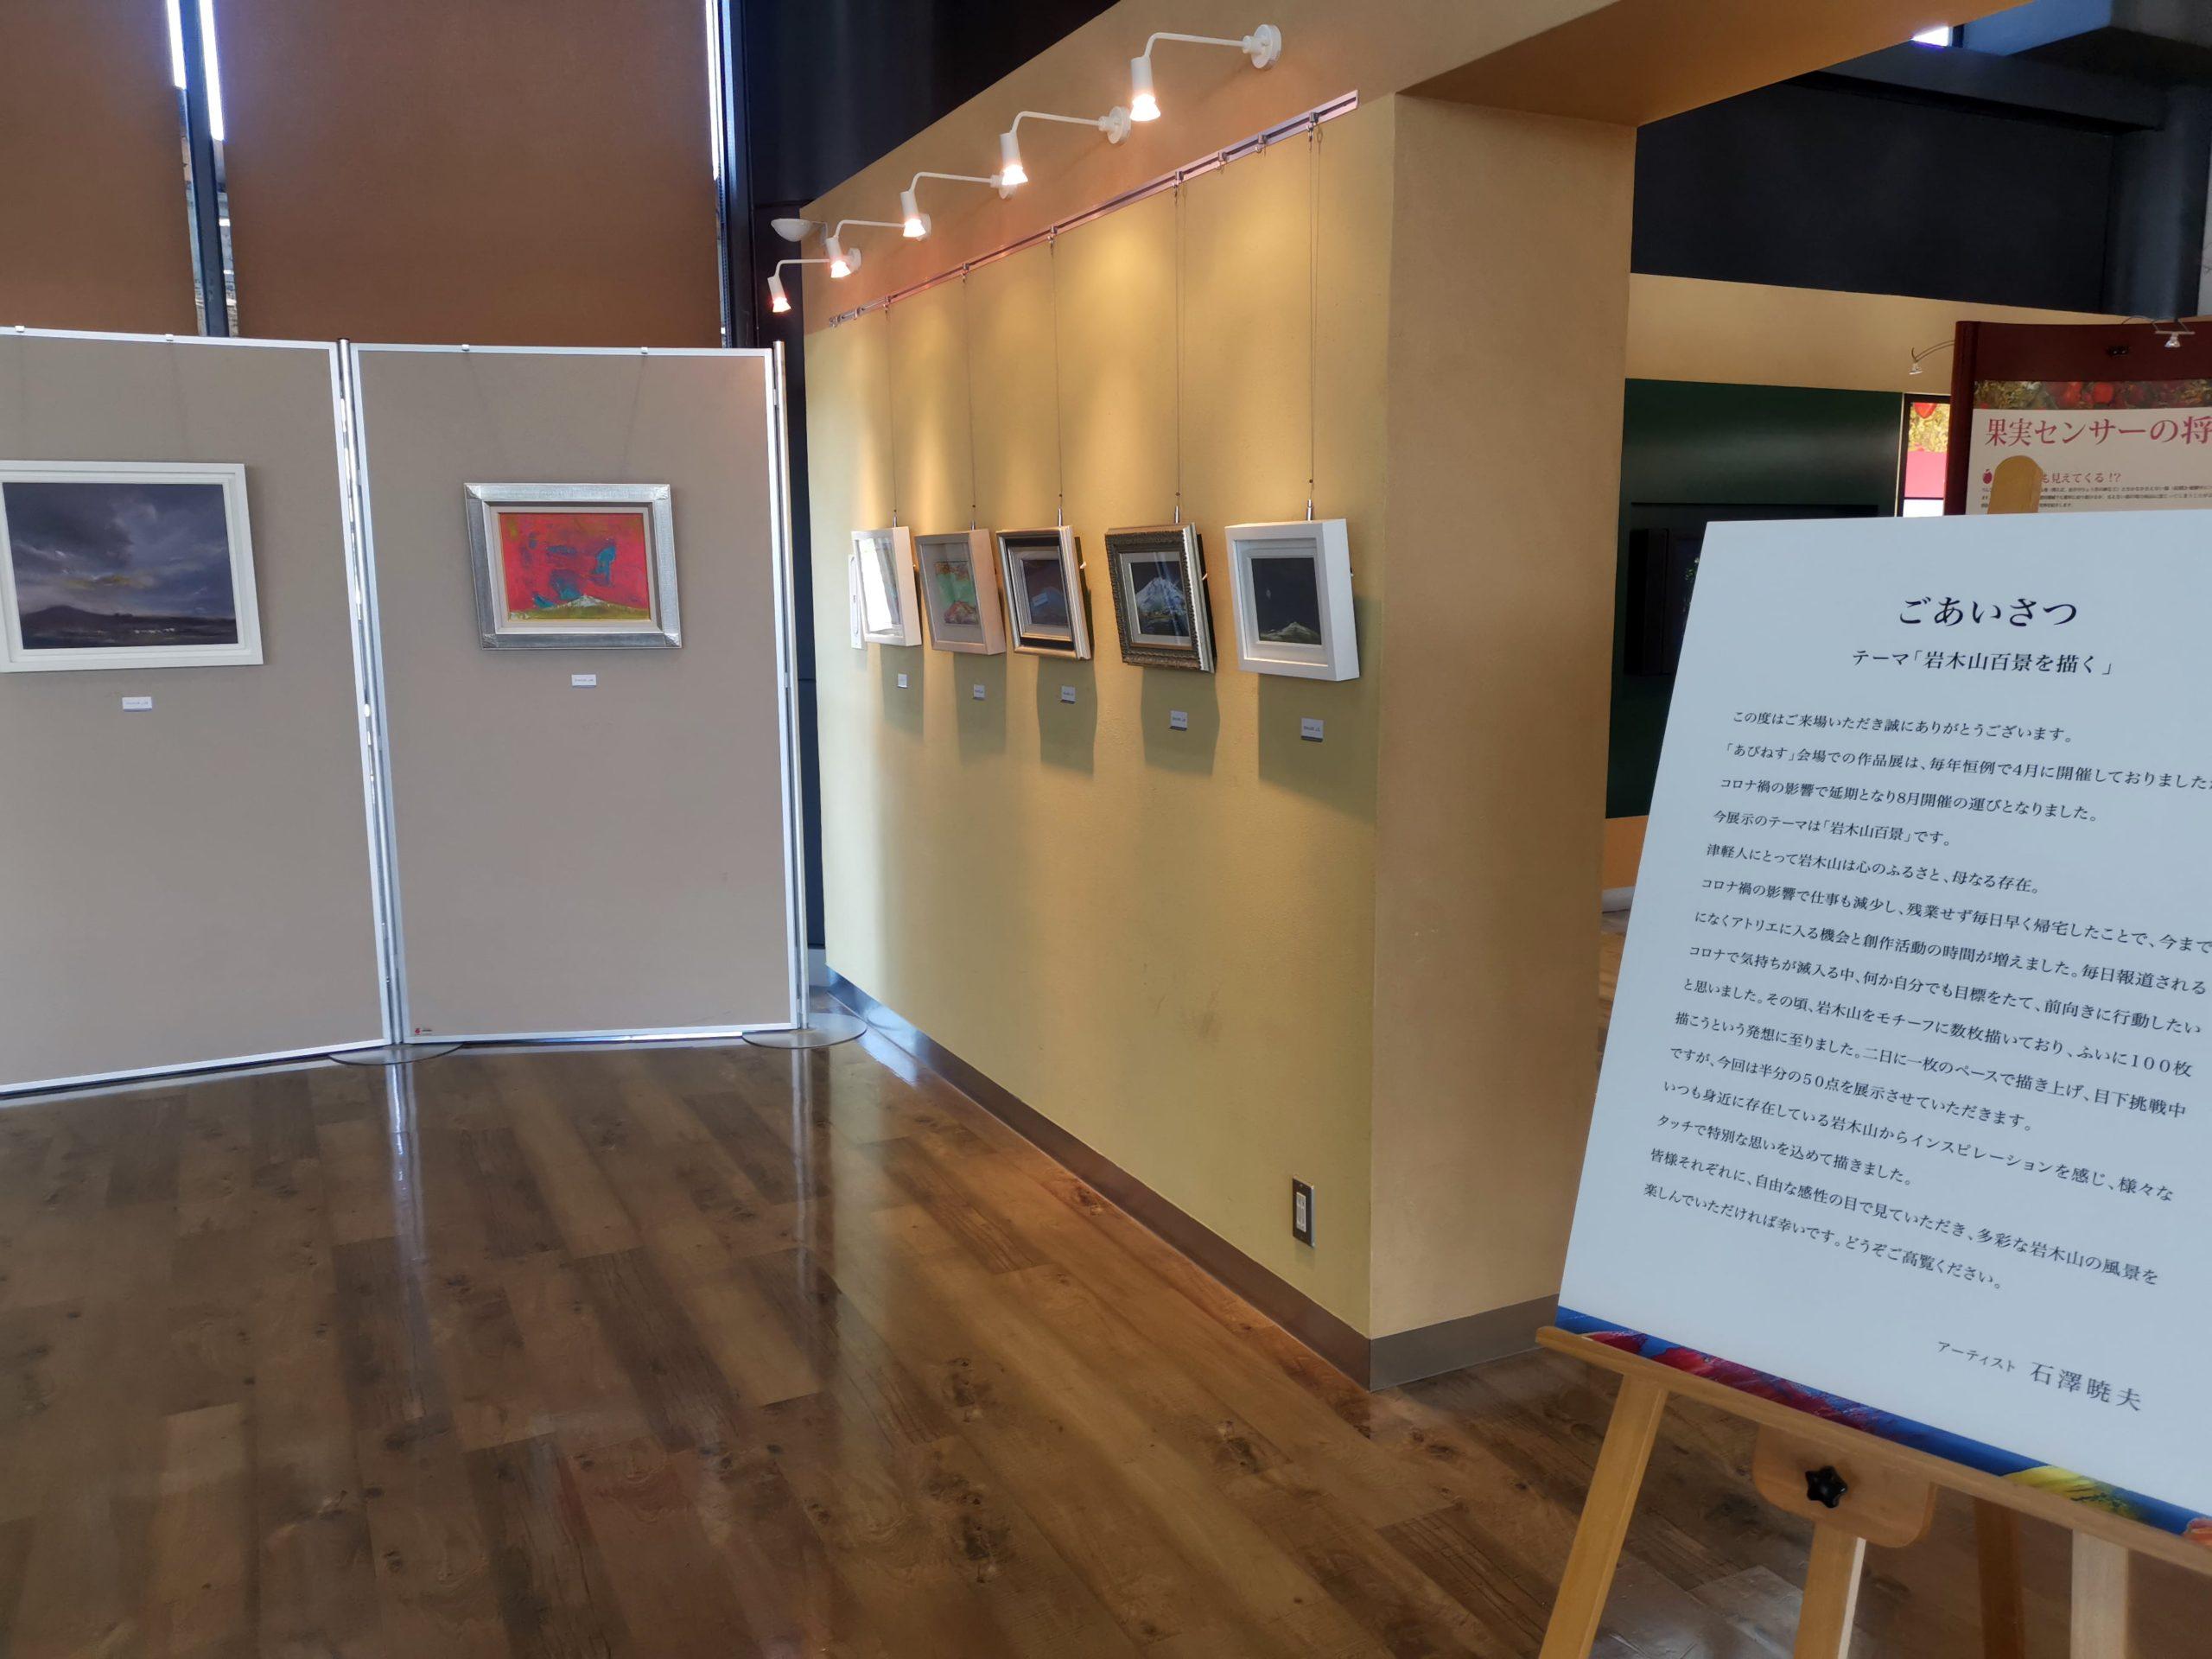 石澤暁夫作品展「岩木山百景を描く」 作品